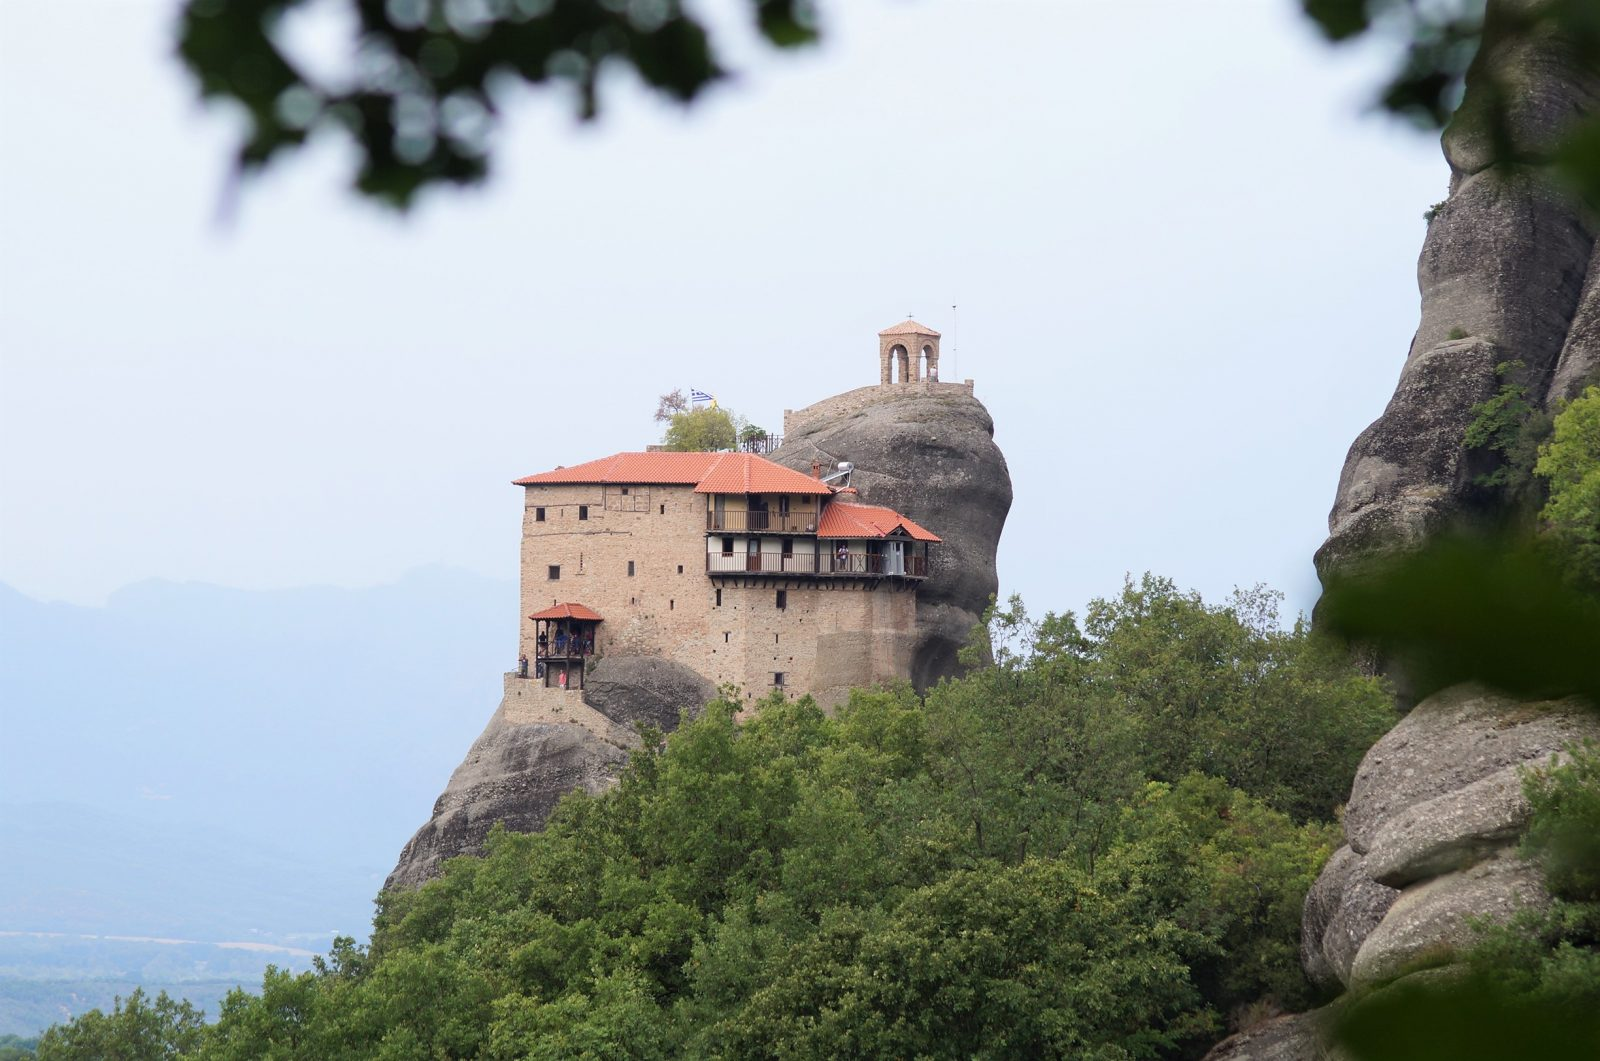 Offroad in Griechenland - Gut besuchte Postkartenmotive - die weltberühmten Meteora-Klöster.